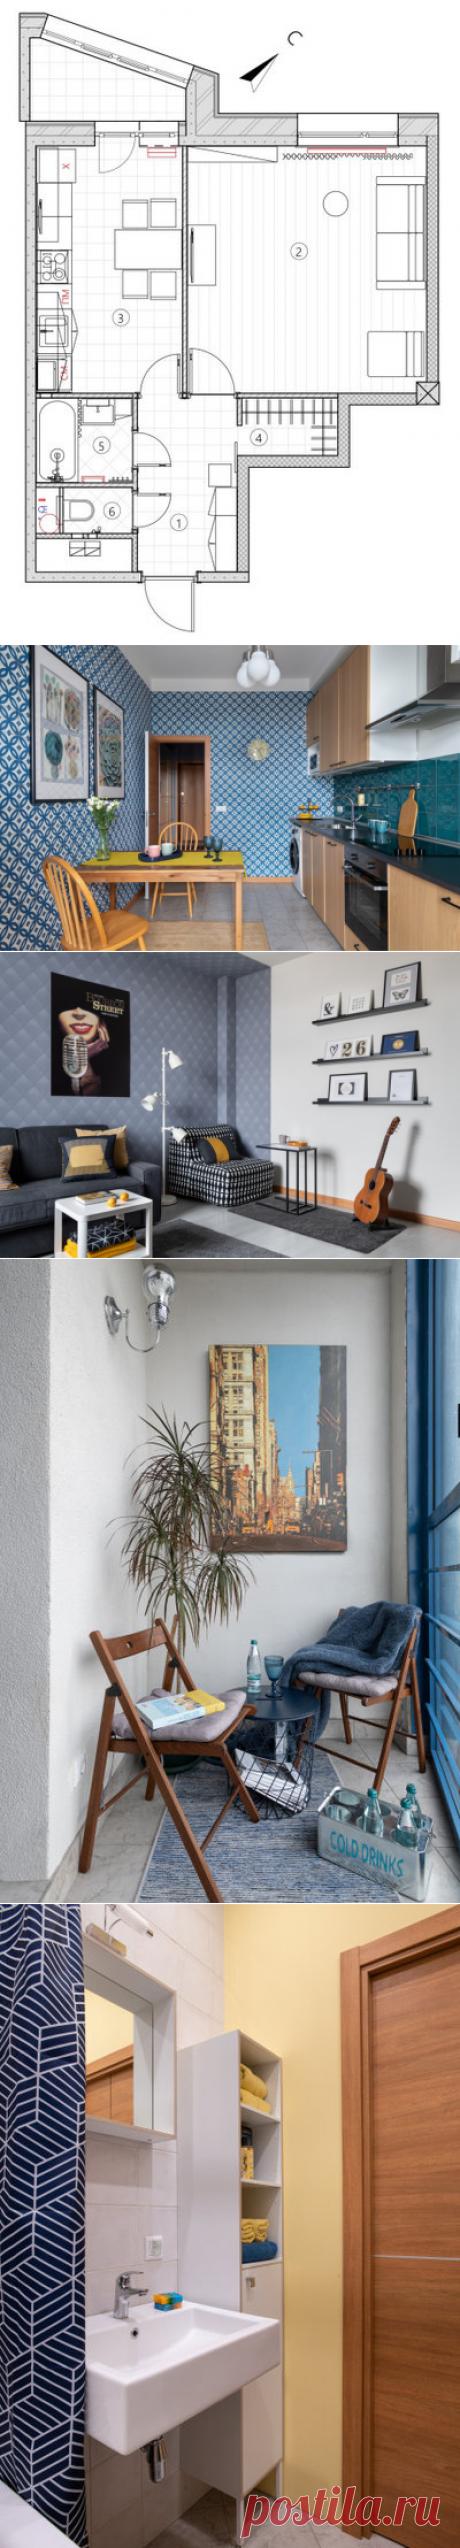 Houzz тур: Квартира для сдачи в аренду — с настроением джаза